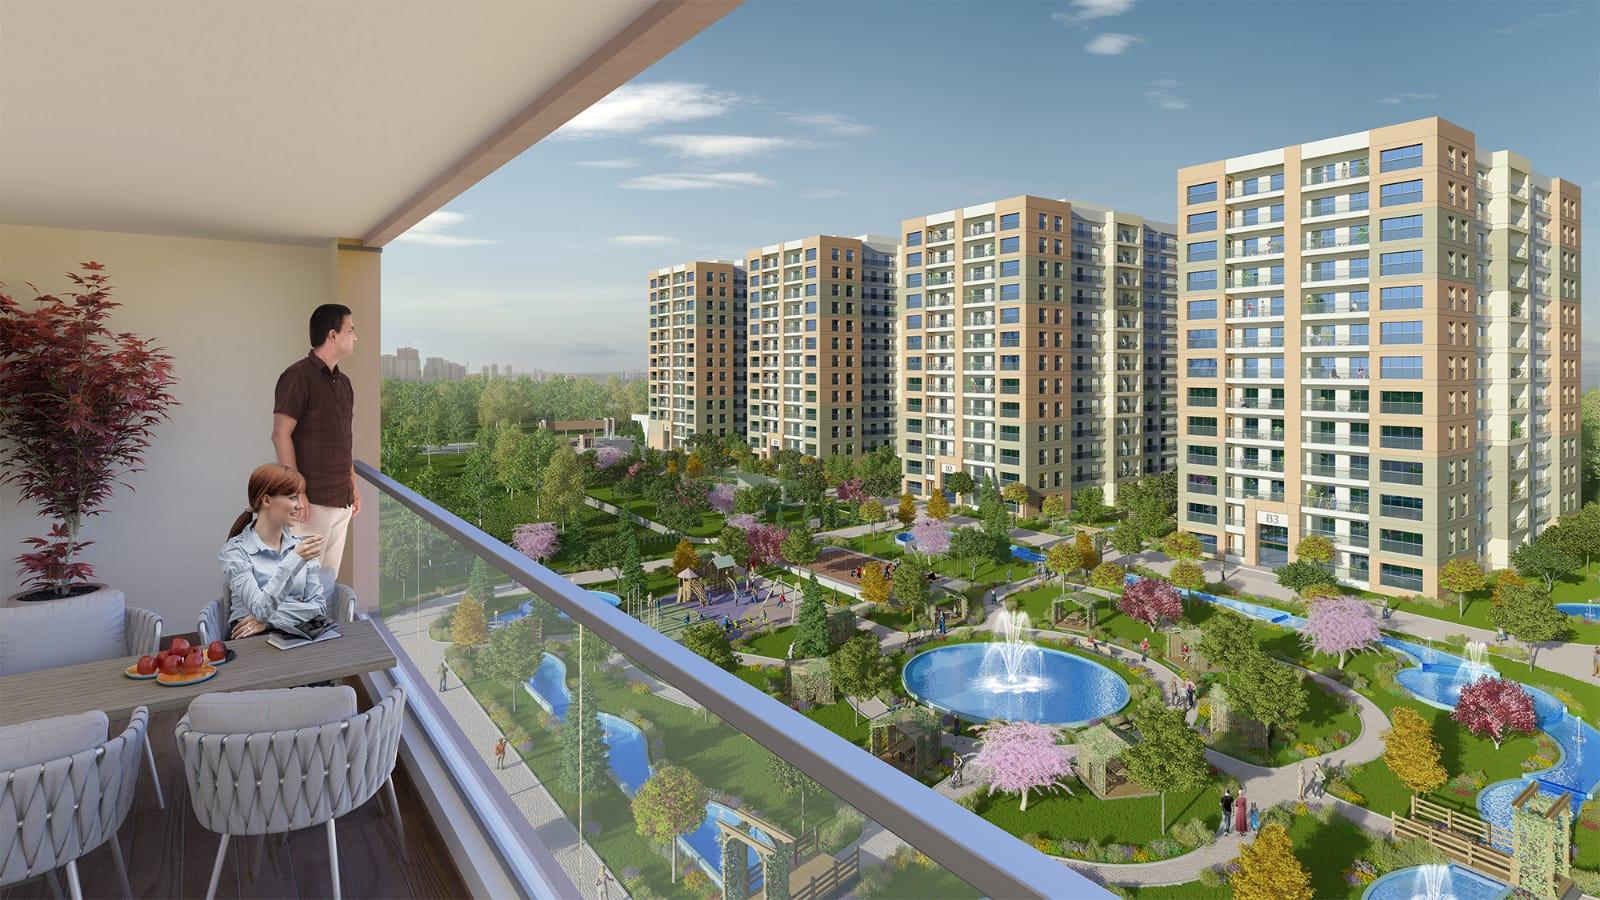 مشروع سكني للاستثمار في بيليك دوزو…..اسطنبول    (   كود المشروع      IC 25  )